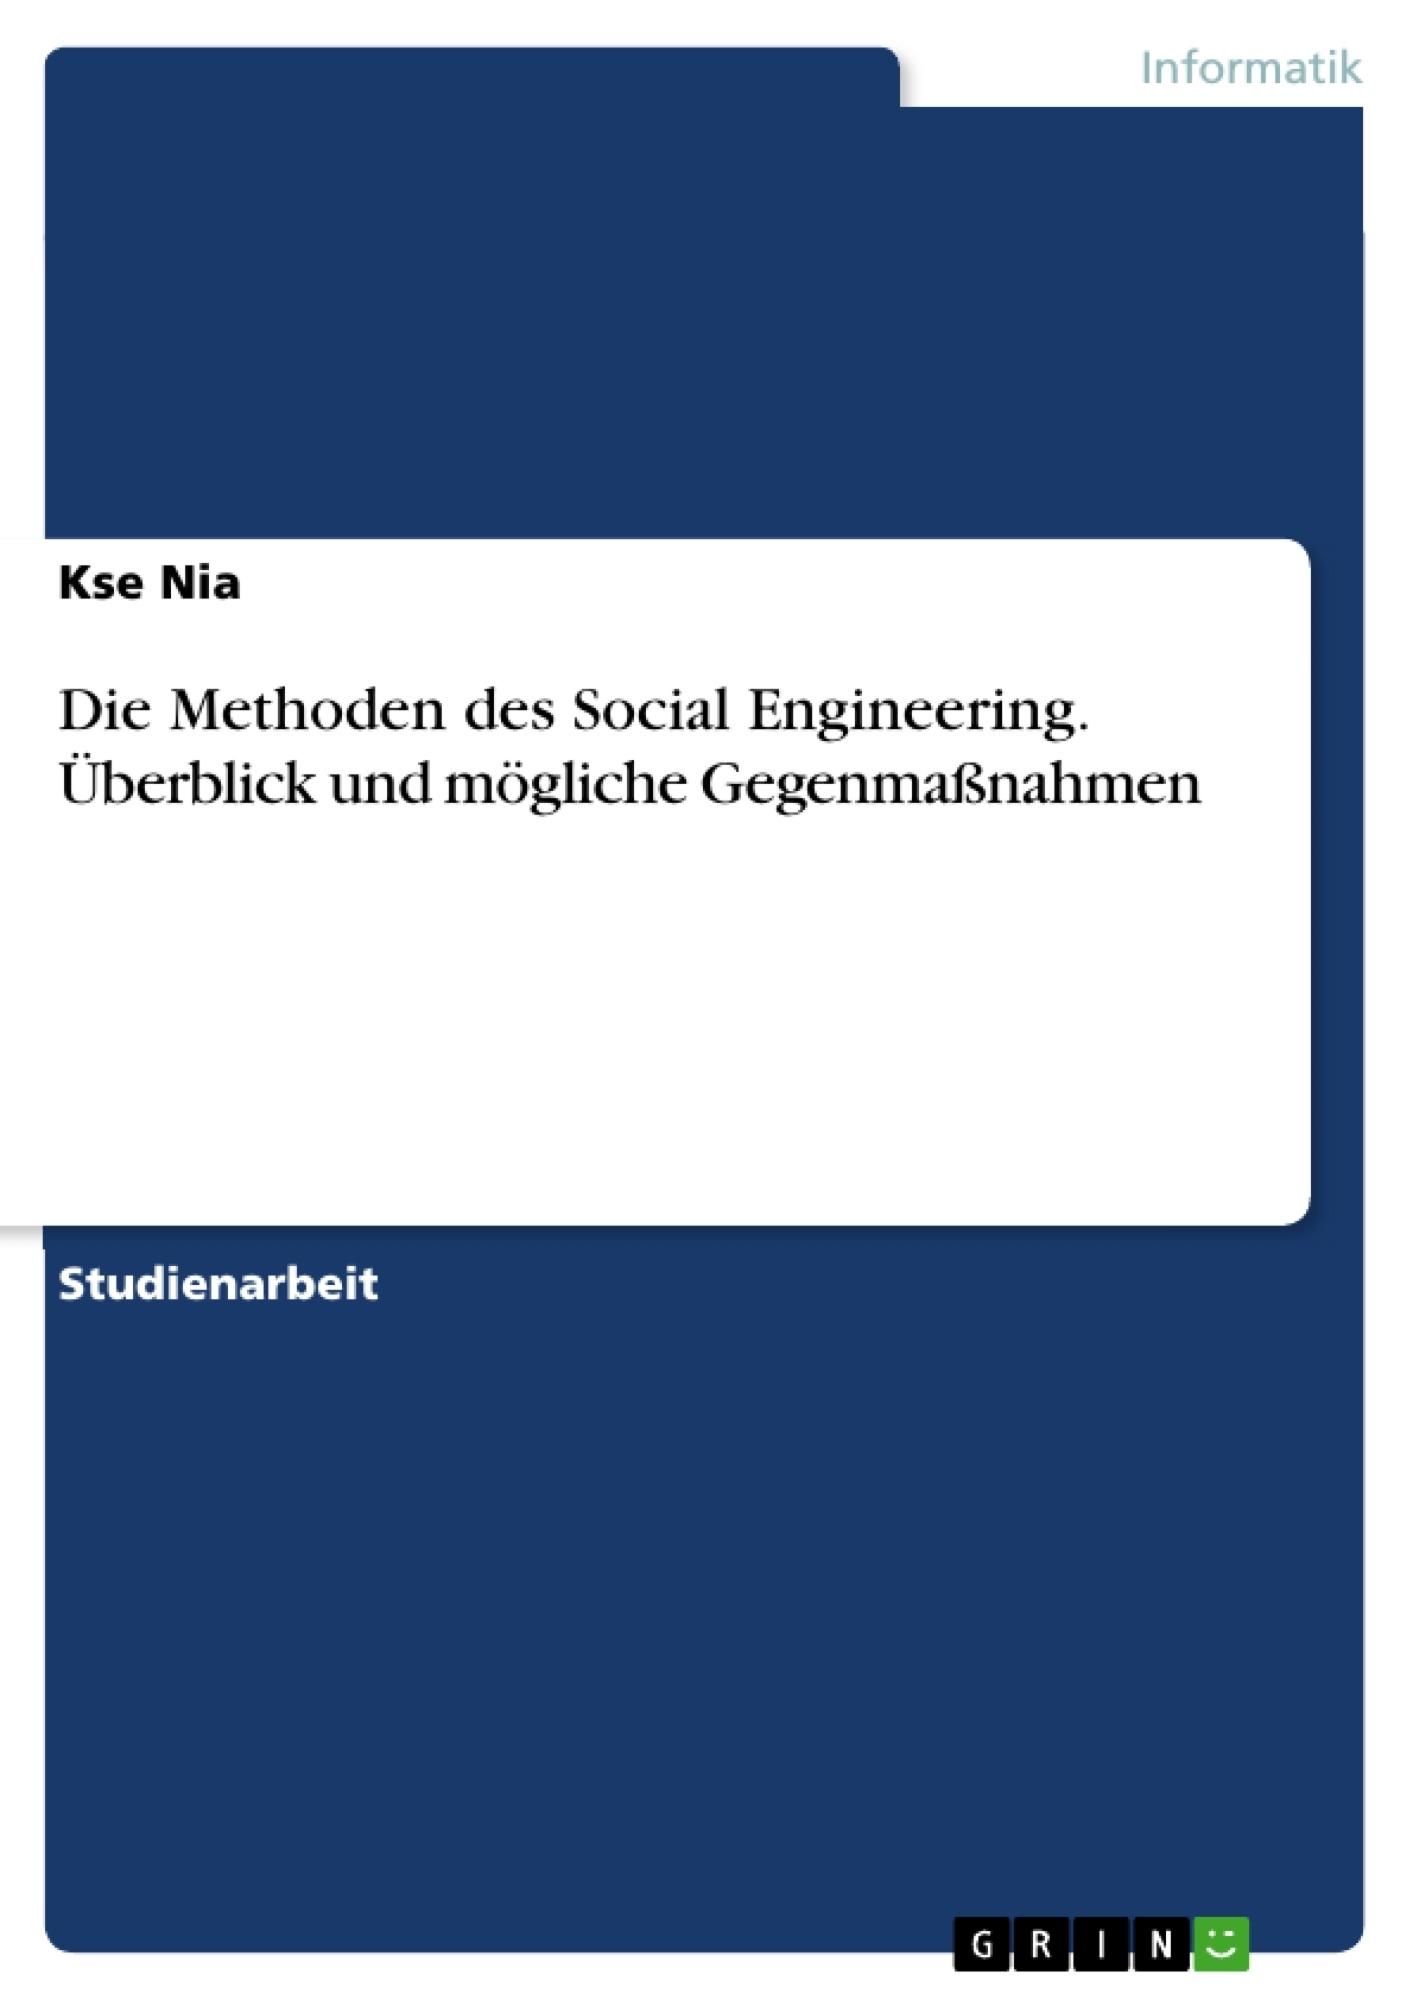 Titel: Die Methoden des Social Engineering. Überblick und mögliche Gegenmaßnahmen